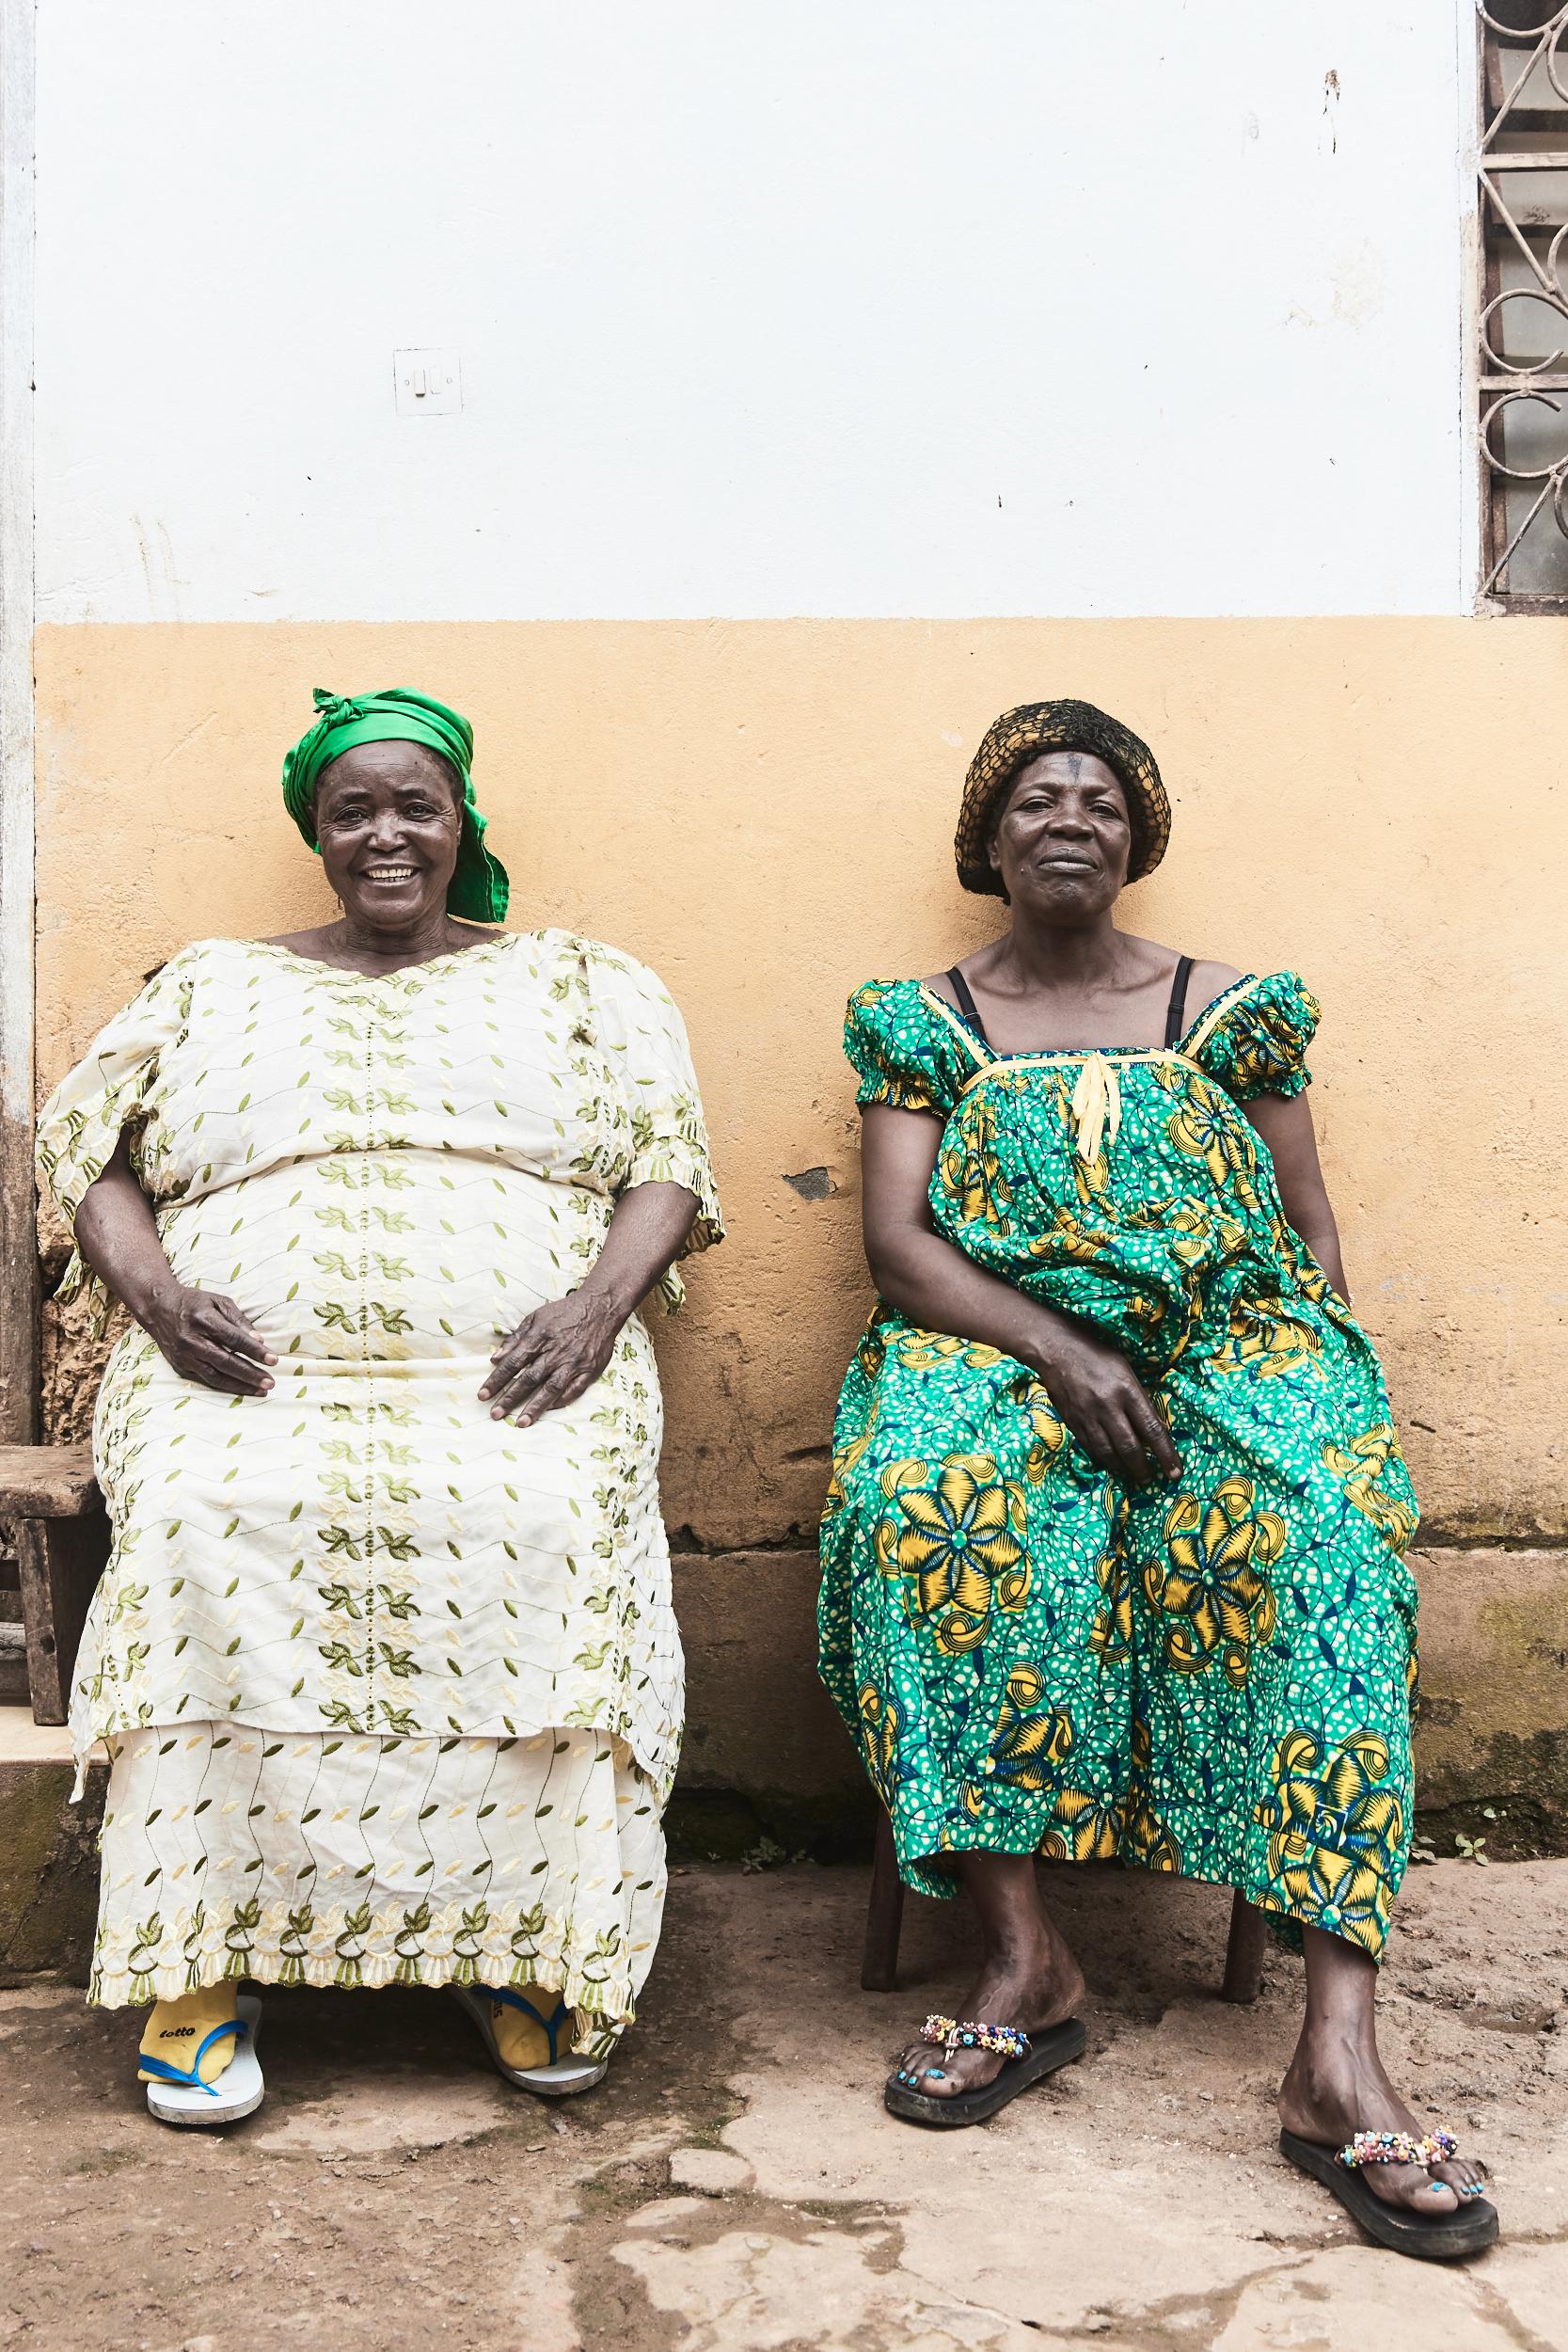 JLP_africa_0020.jpg